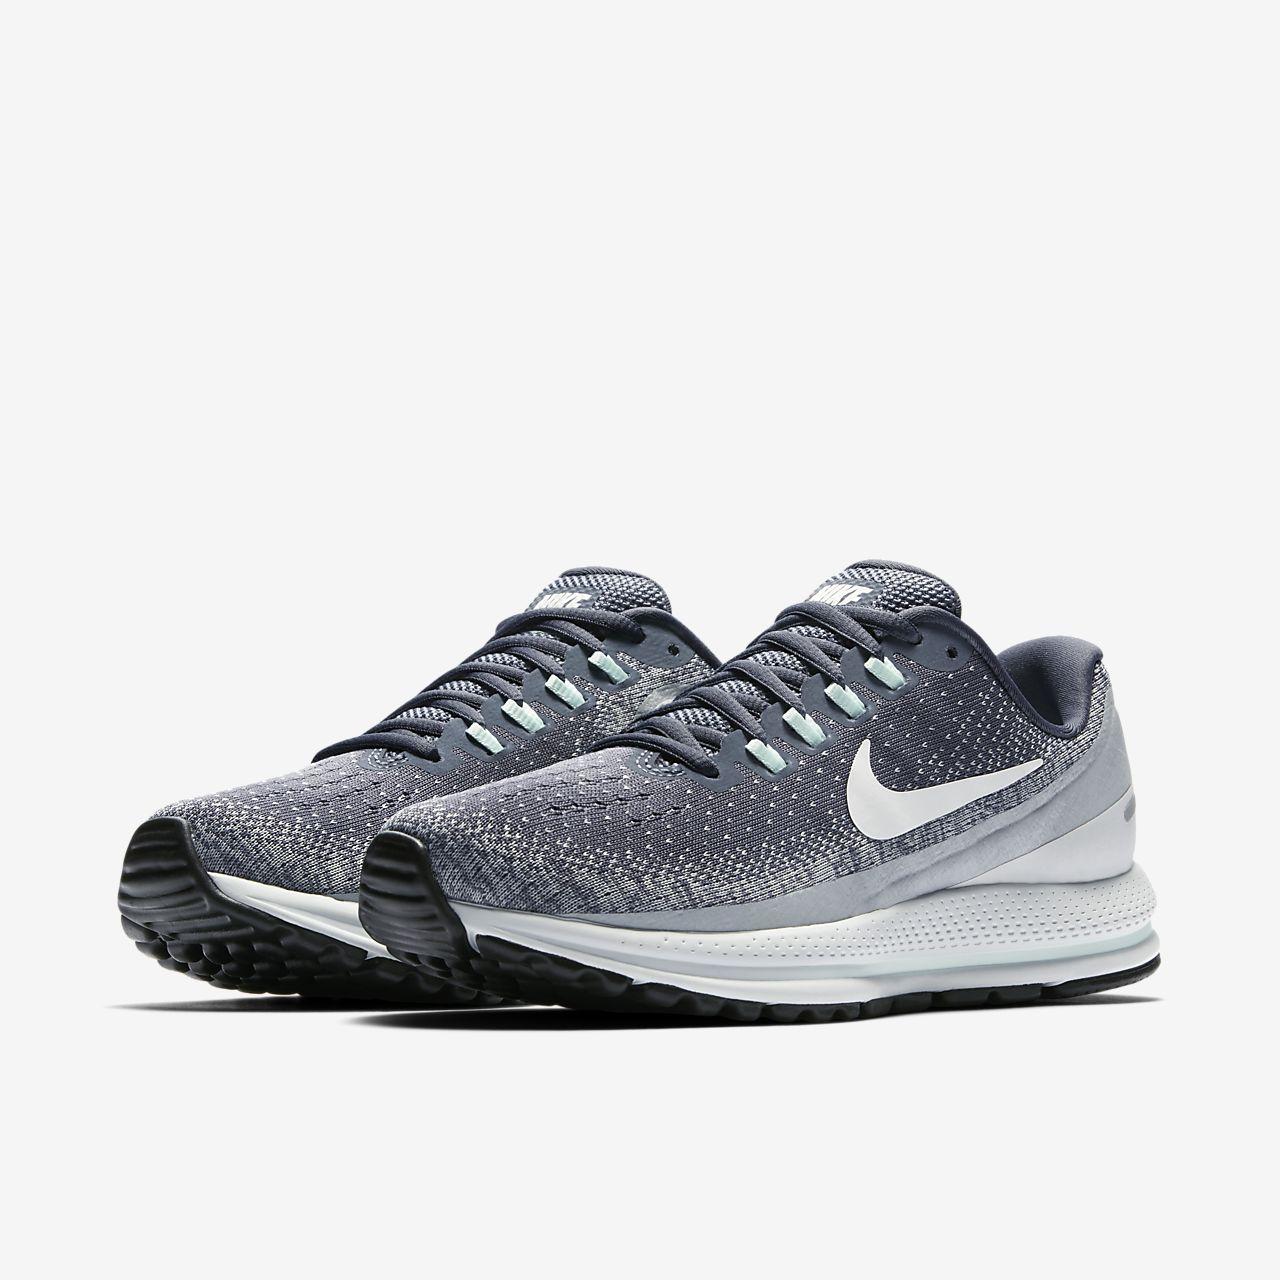 best service 89751 35da0 ... Löparsko Nike Air Zoom Vomero 13 för kvinnor